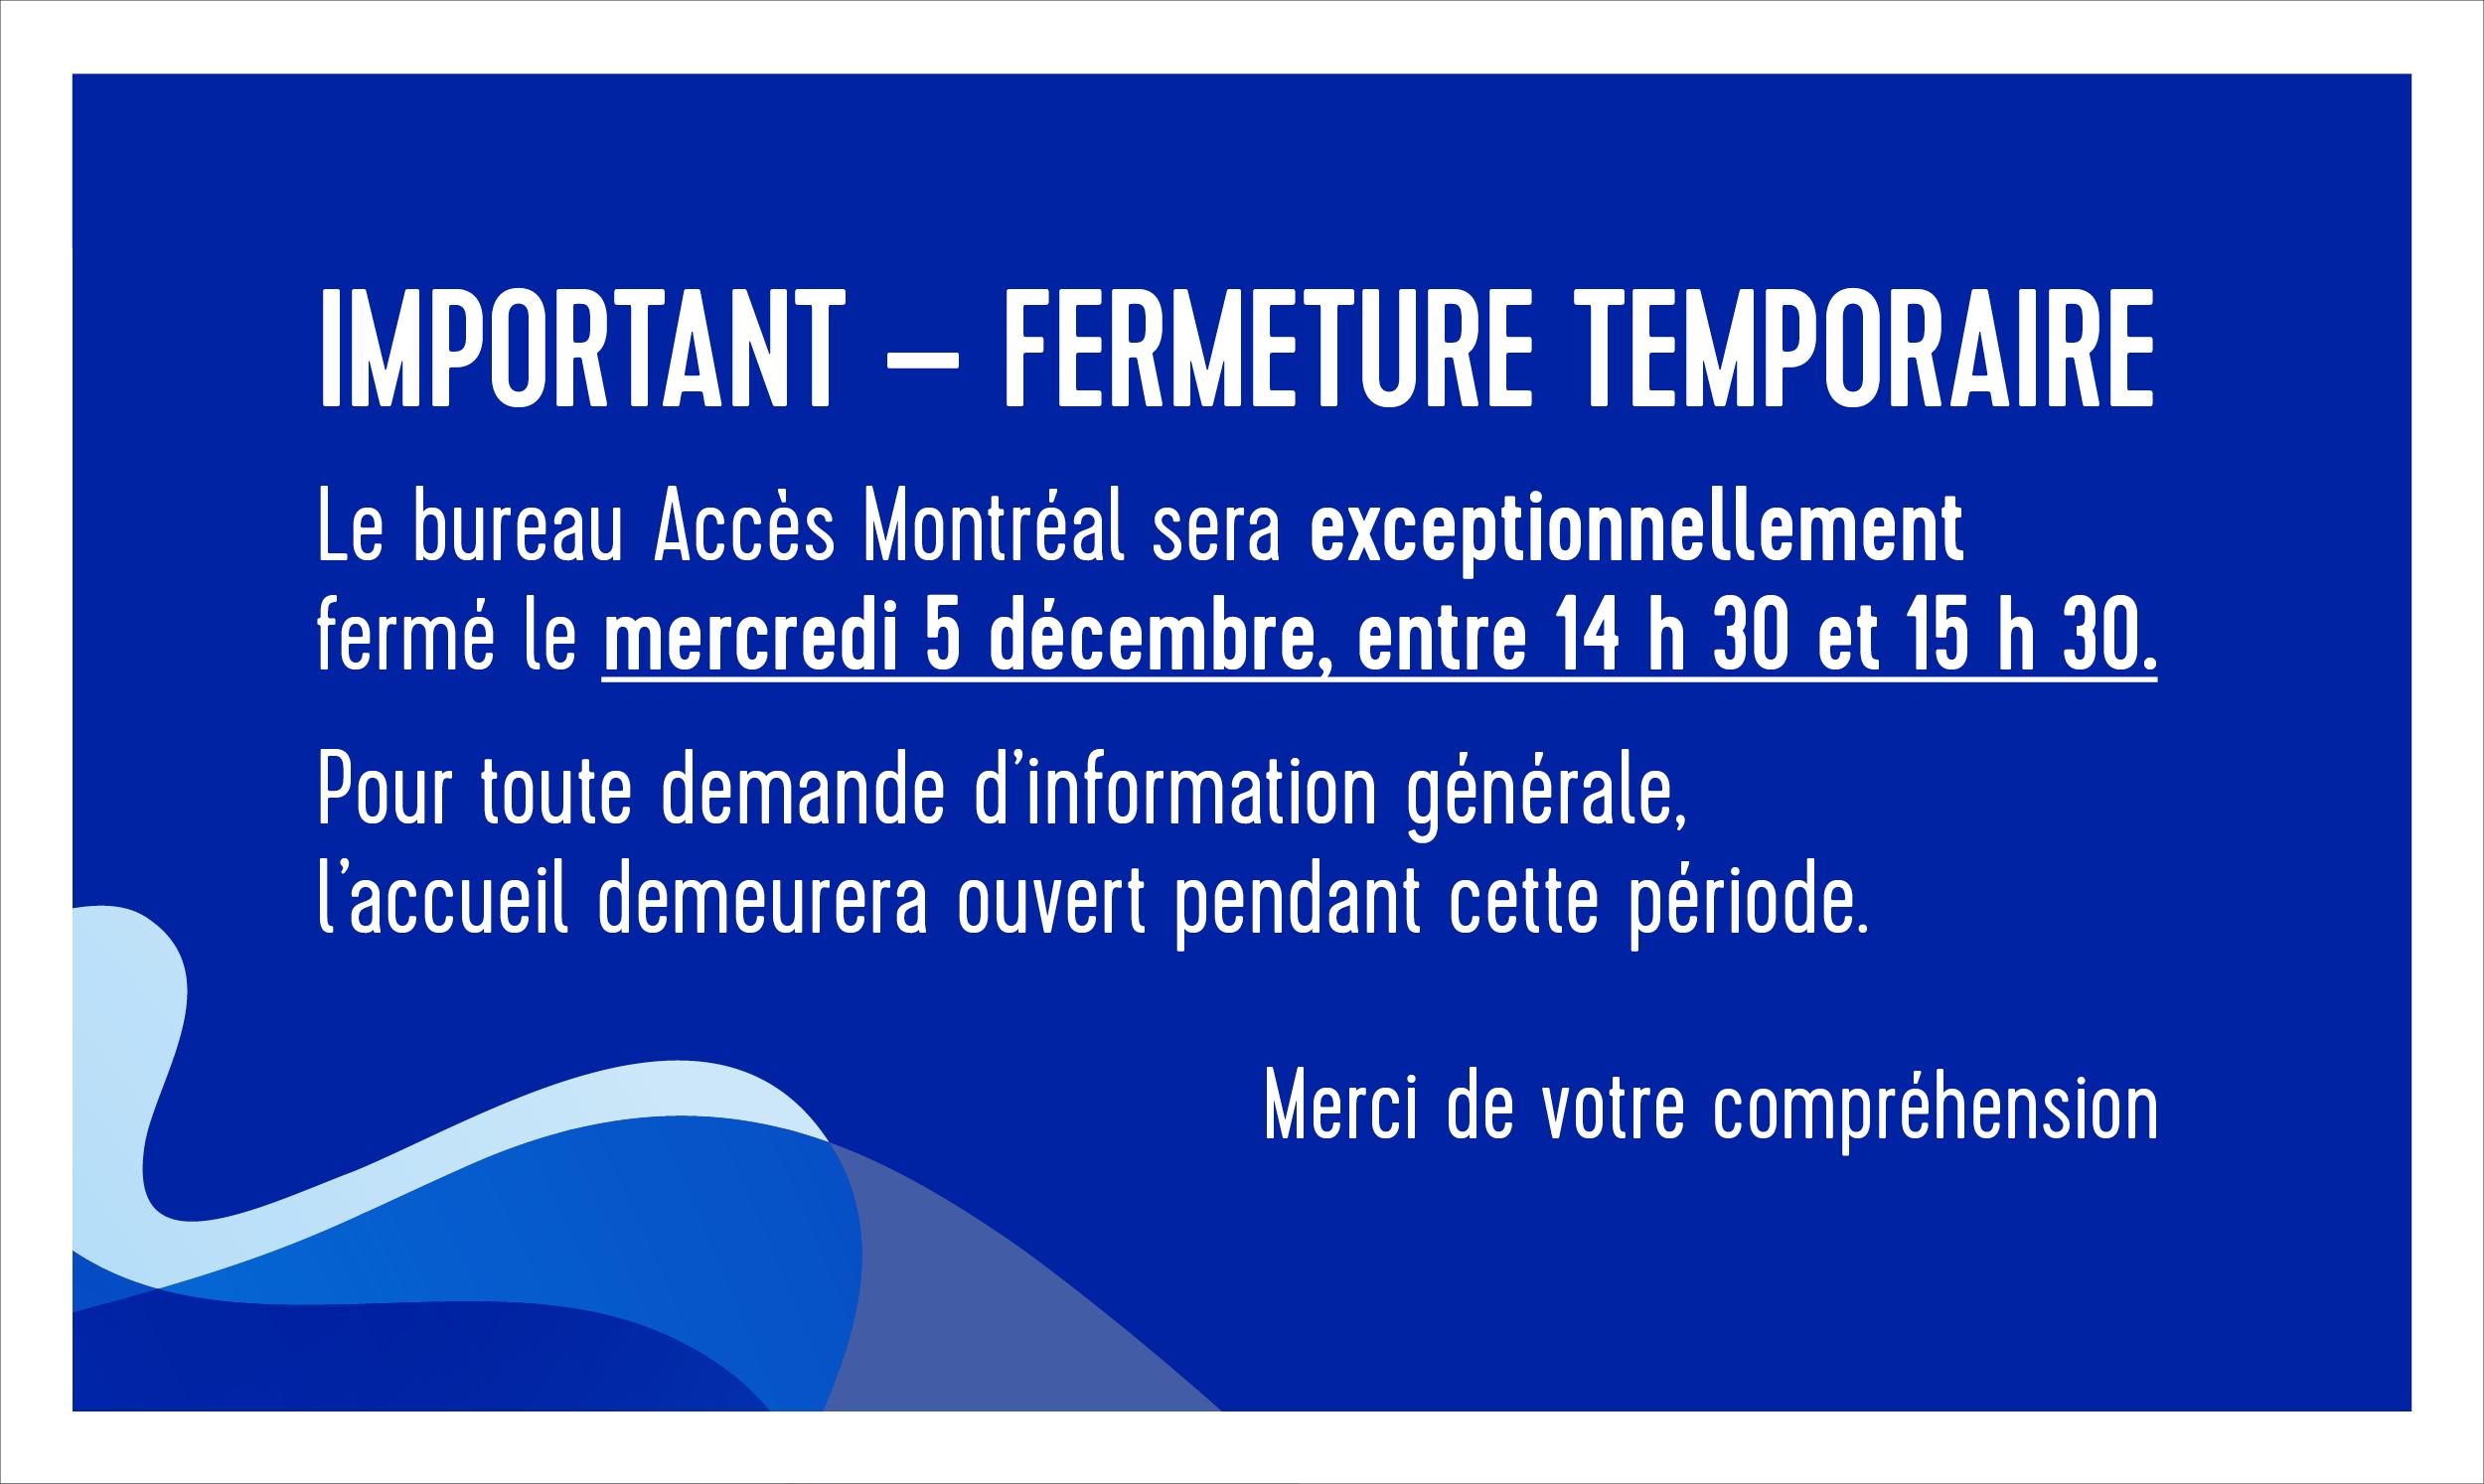 Affiche annonçant la fermeture du bureau accès montréal le 5 décembre de 14h 30 à 15 h 30